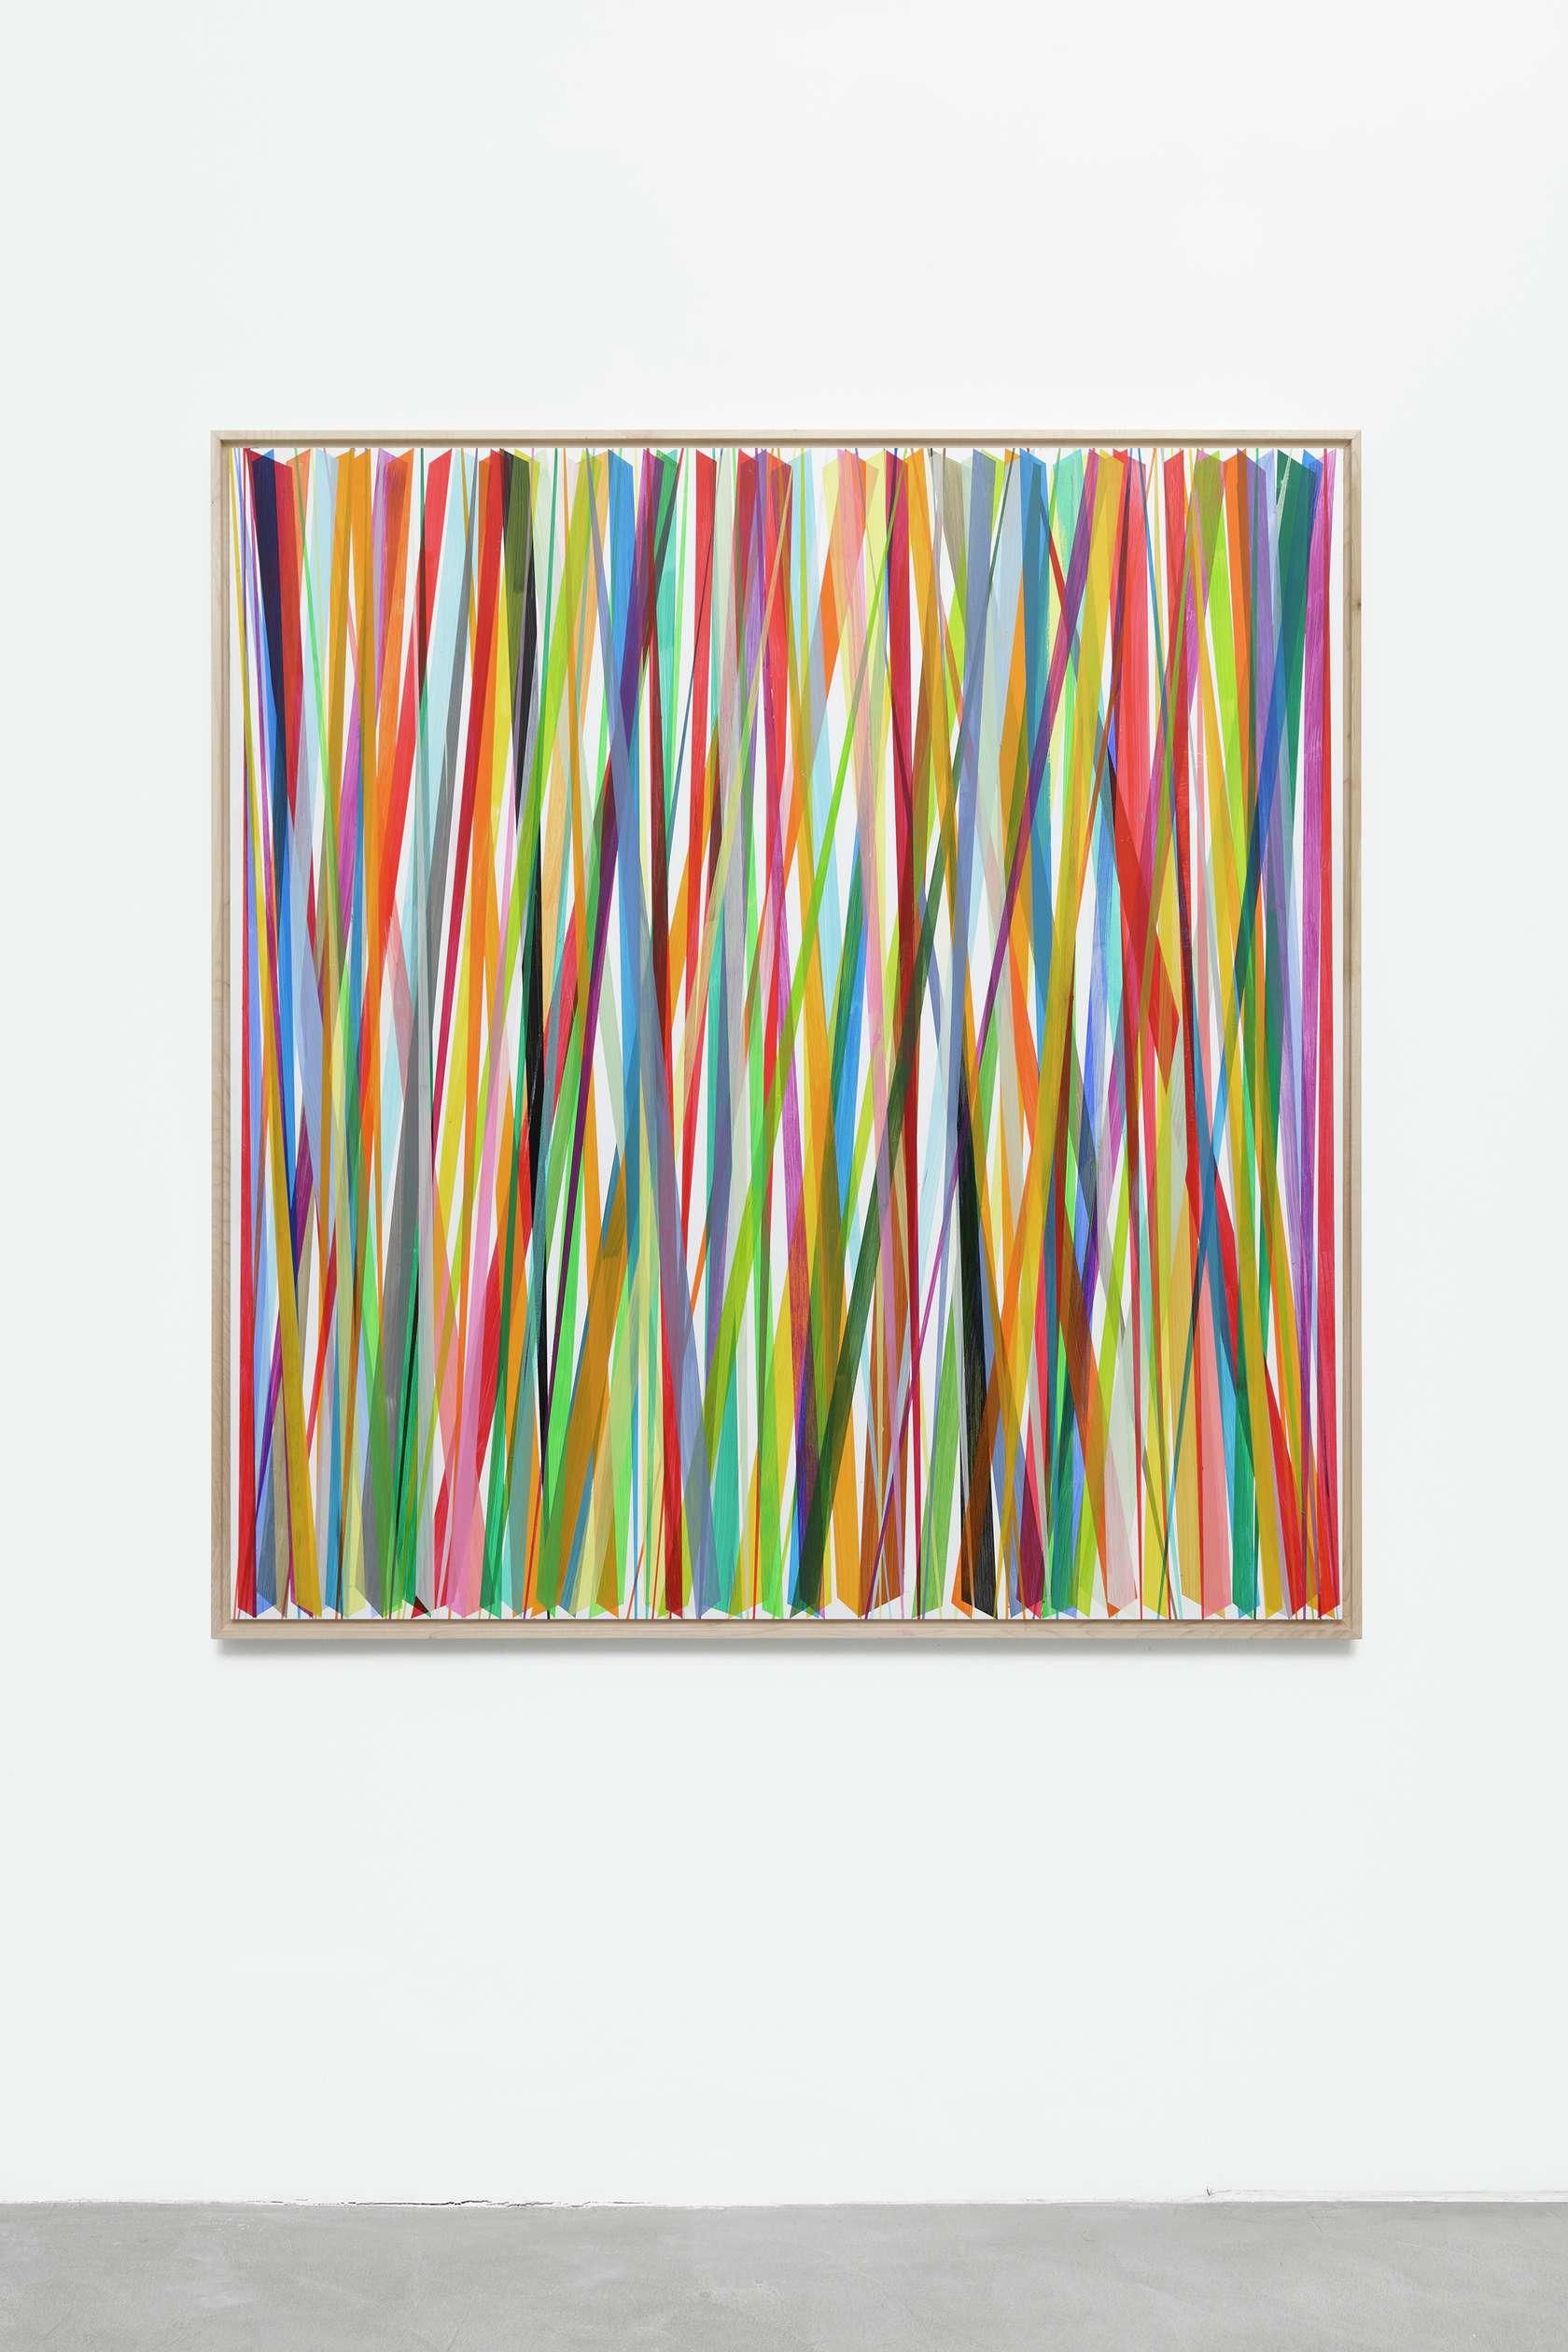 Beat Zoderer, Vertikales ZIG-ZAG No. 8/19, 2019 Acrylique sur panneau de bois124 x 118 cm / 48 7/8 x 46 1/2 inches